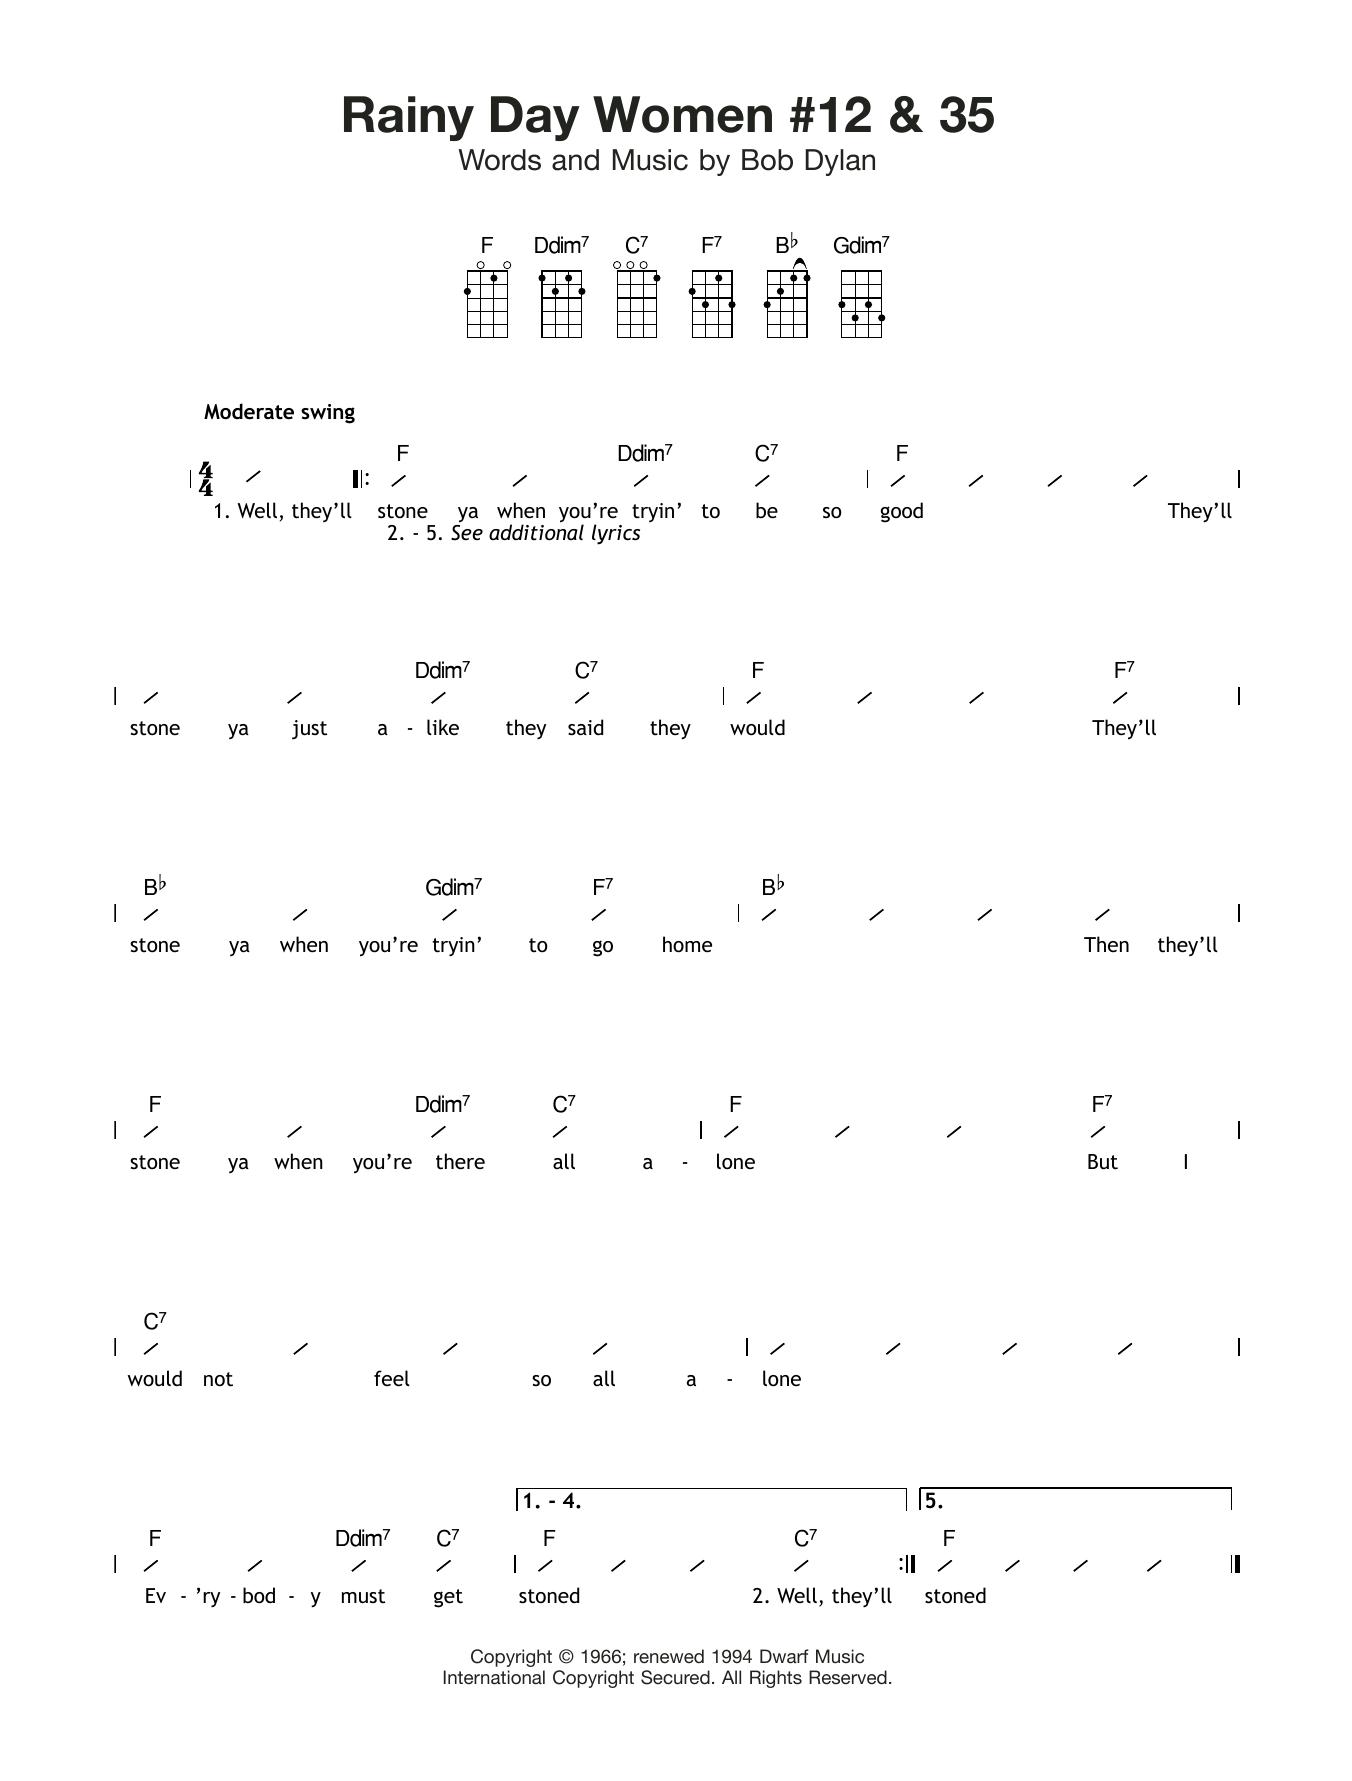 Rainy Day Women #12 & 35 Sheet Music